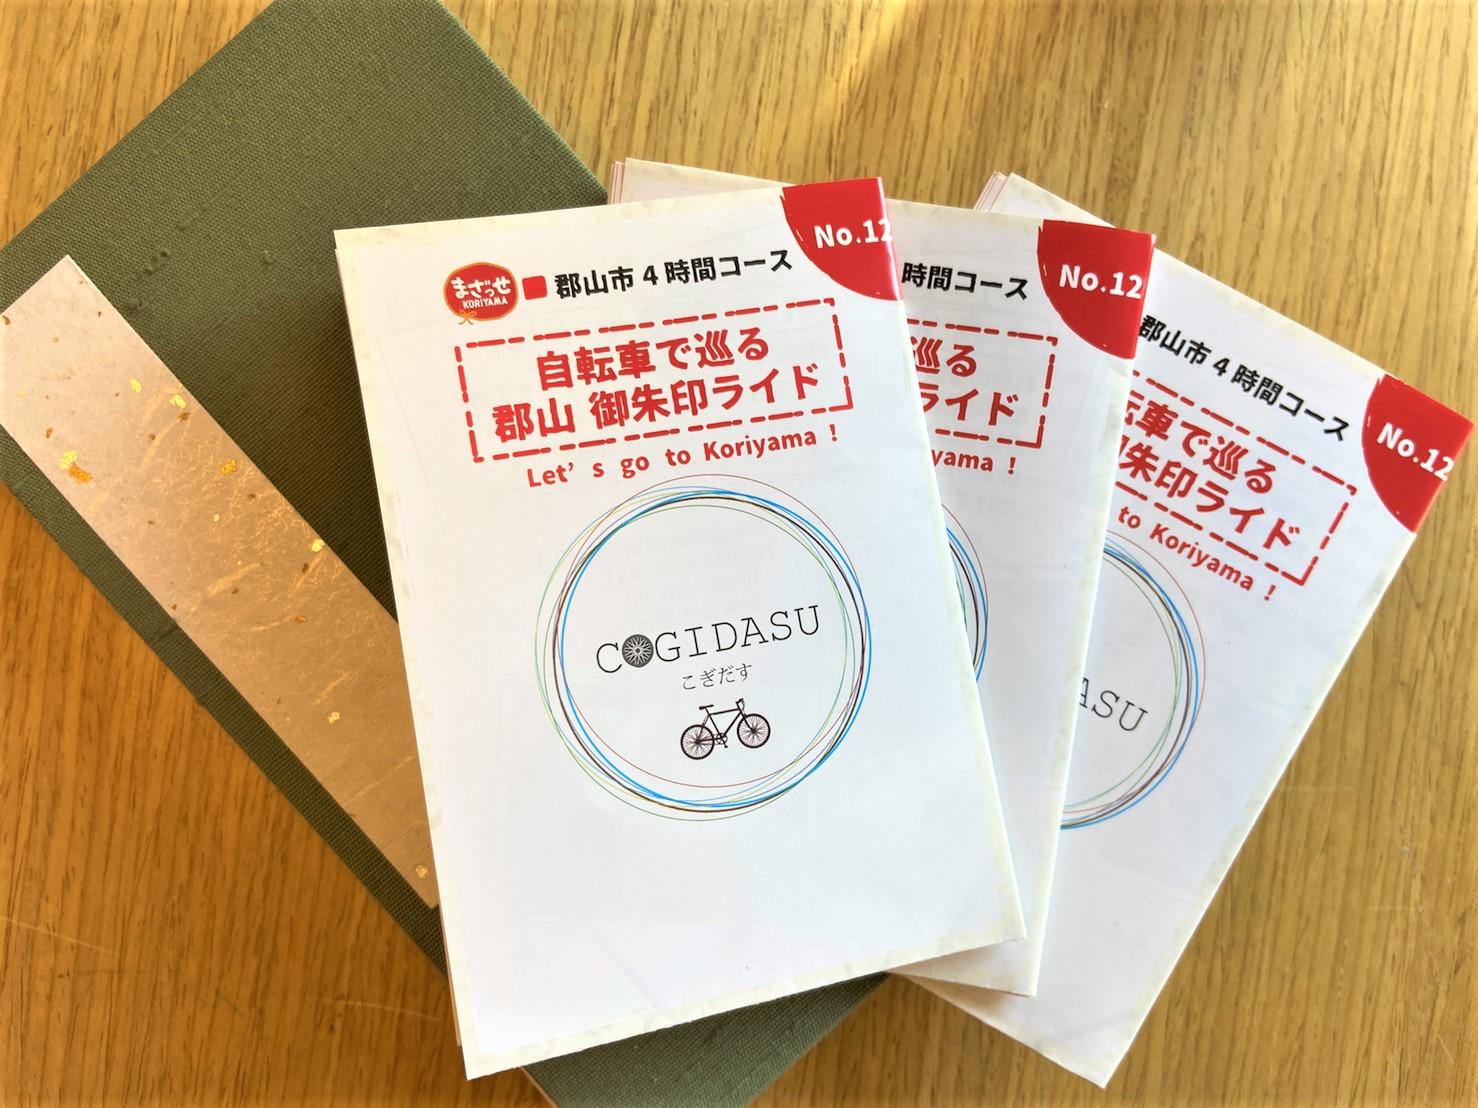 自転車で巡れるスポットを紹介する小冊子「こぎだすvol.12」を発行しました!